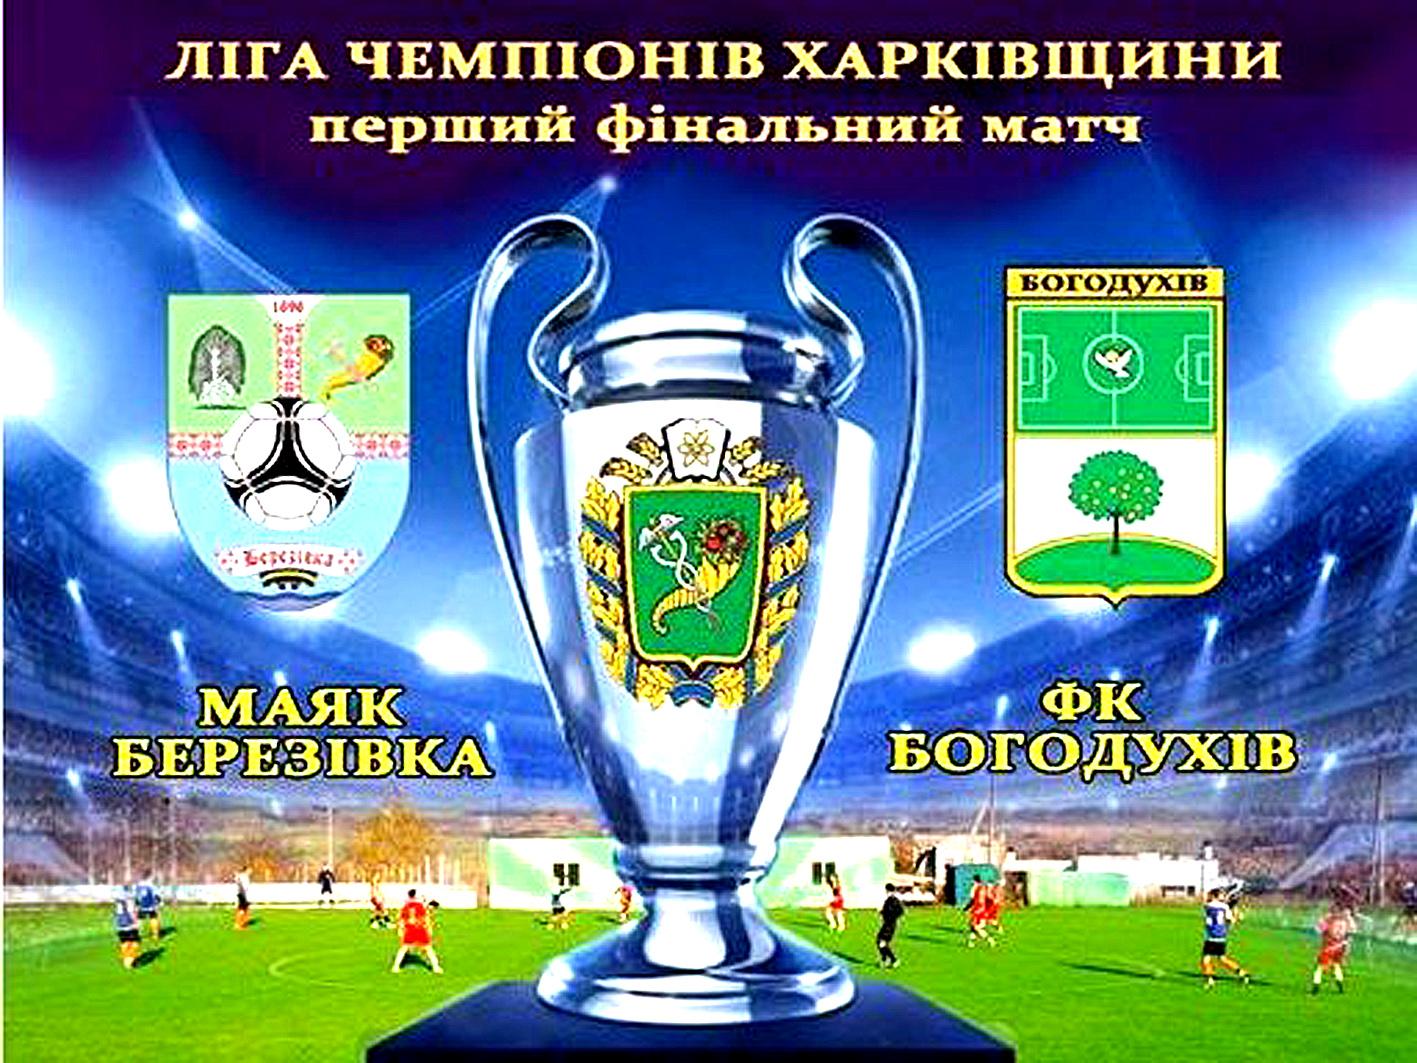 Визначено місце та час проведення фінальних матчів Ліги Чемпіонів Харківщини